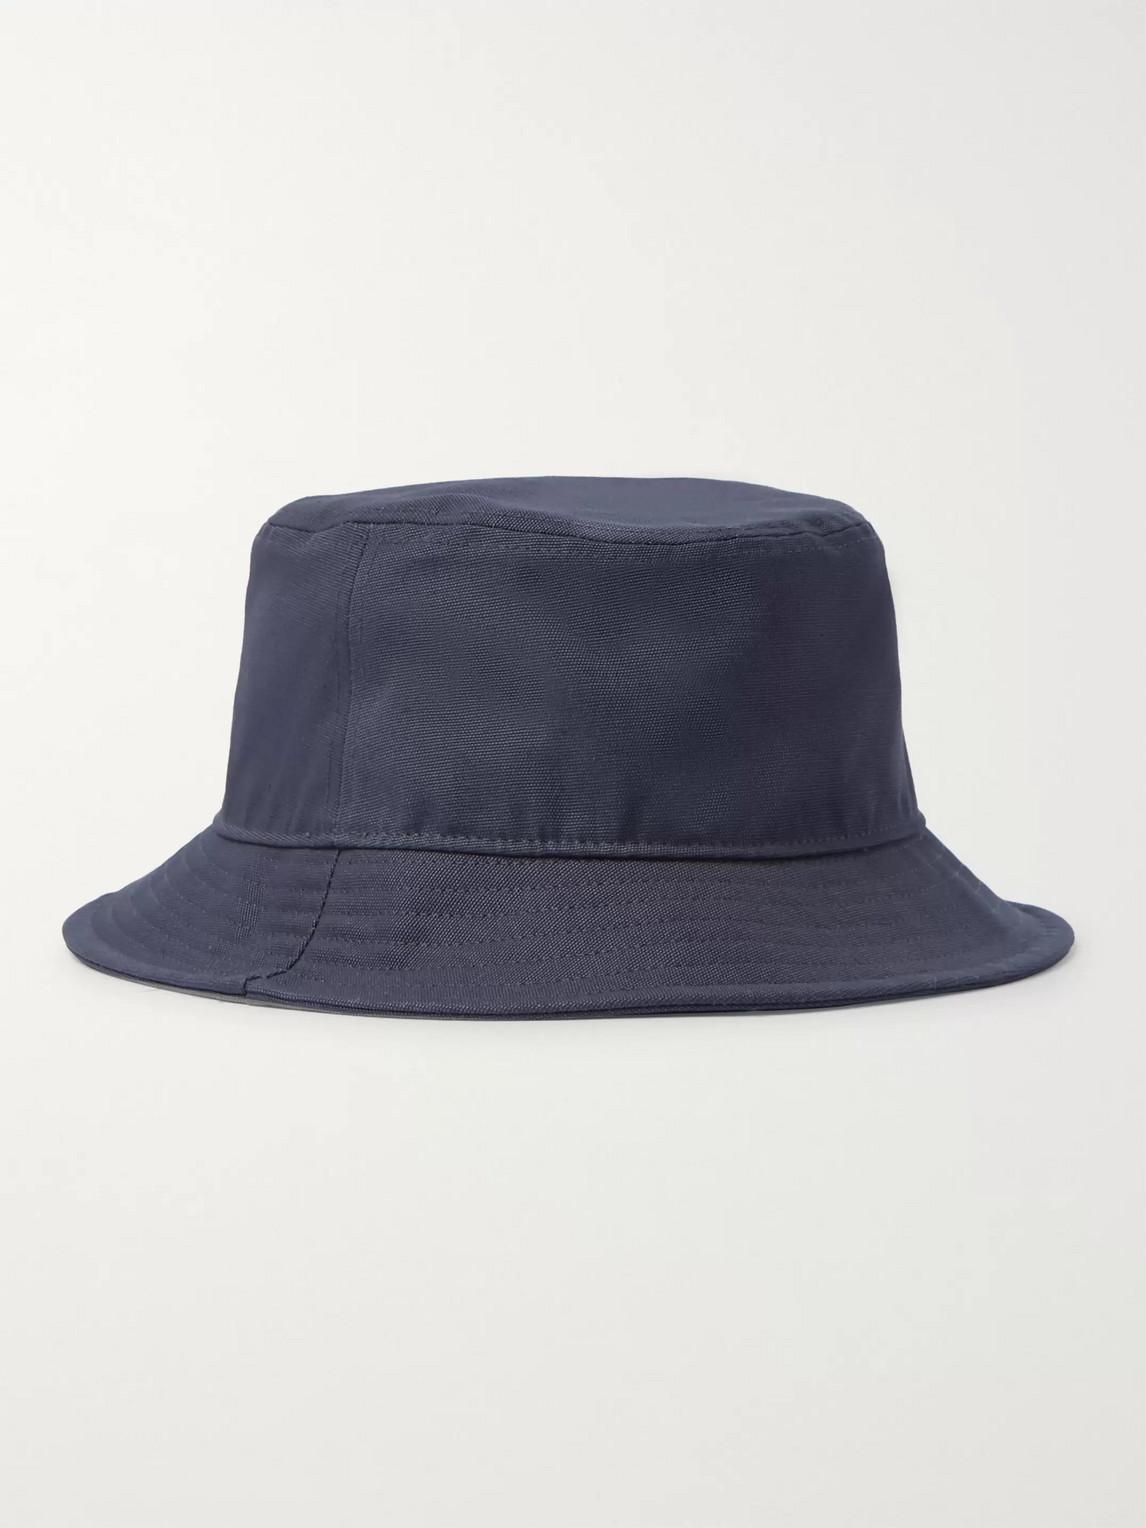 acne studios - cotton-canvas bucket hat - men - blue